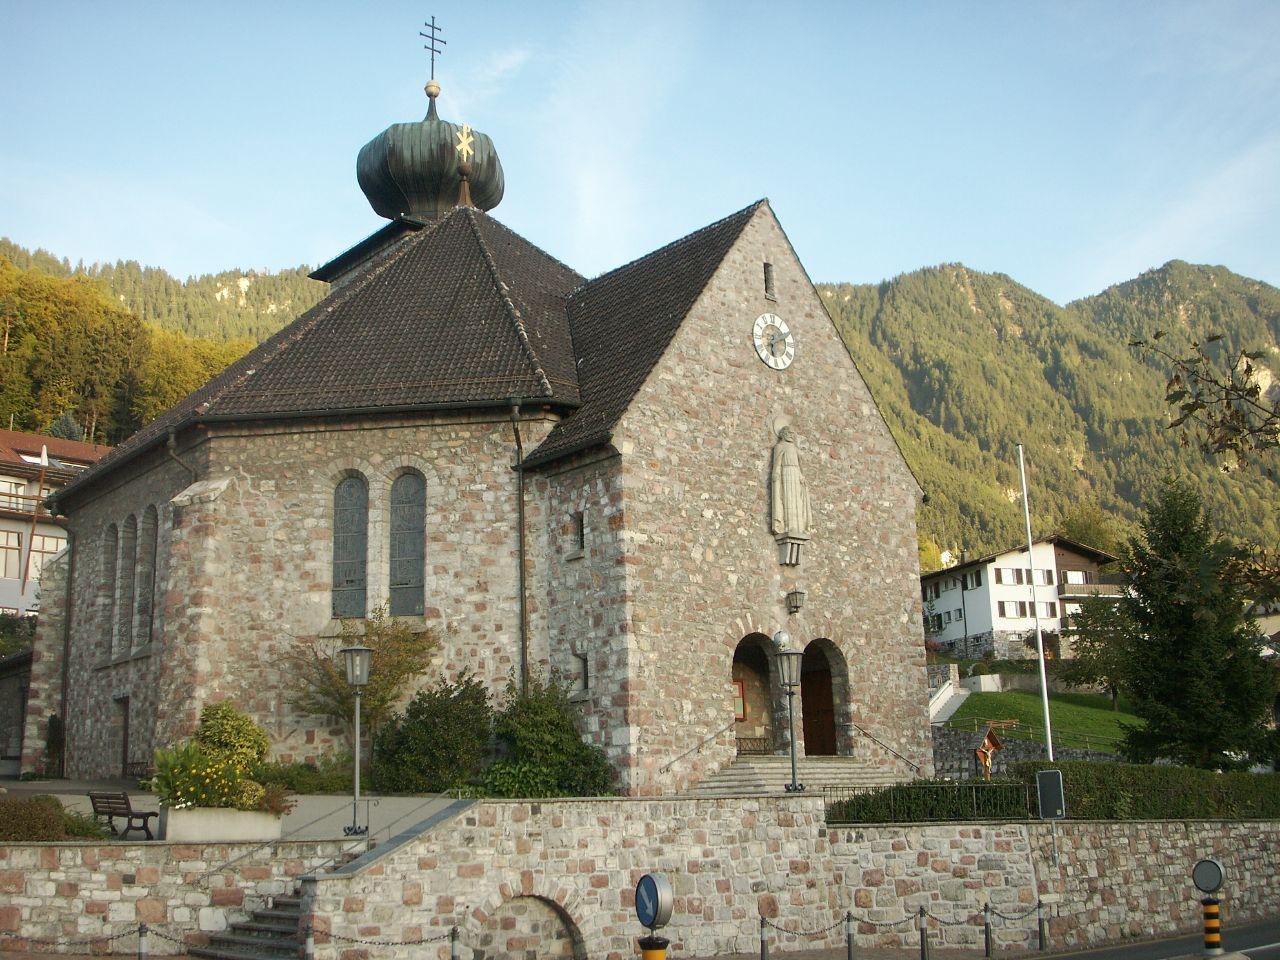 Church in Treisenberg